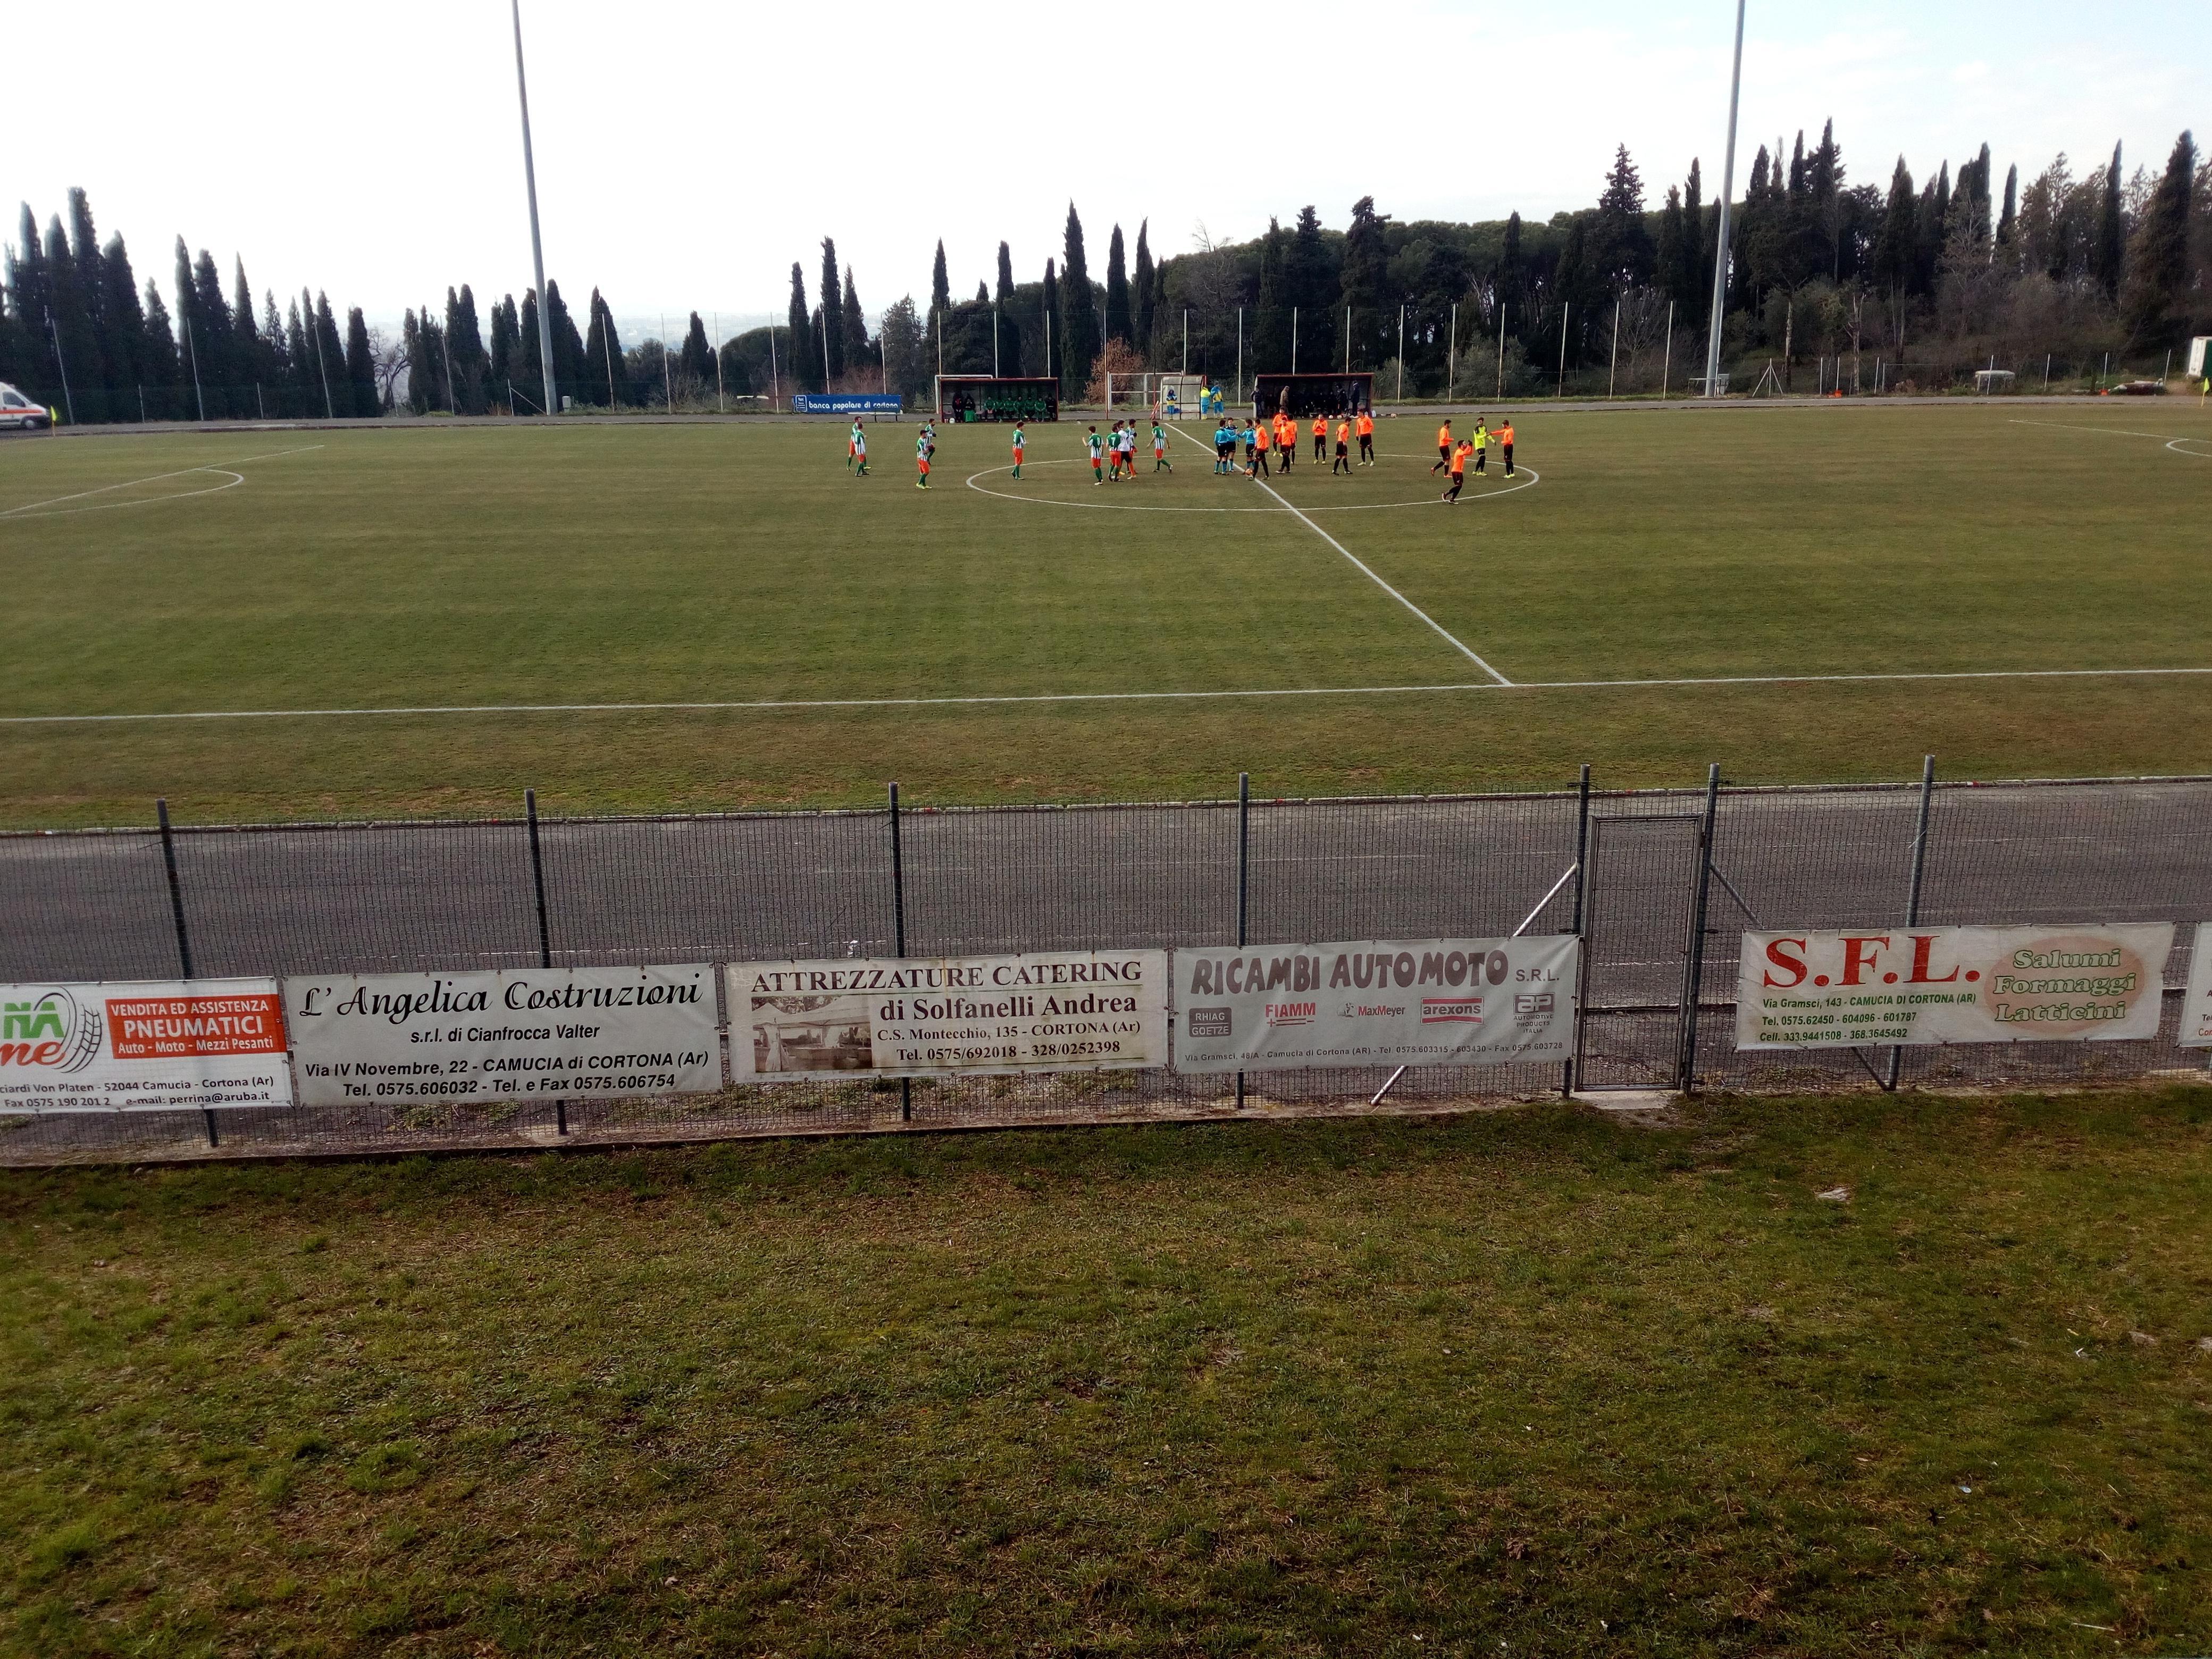 Cronache arancioni (8): Pioggia di gol al Sante Tiezzi, vittoria preziosa per gli